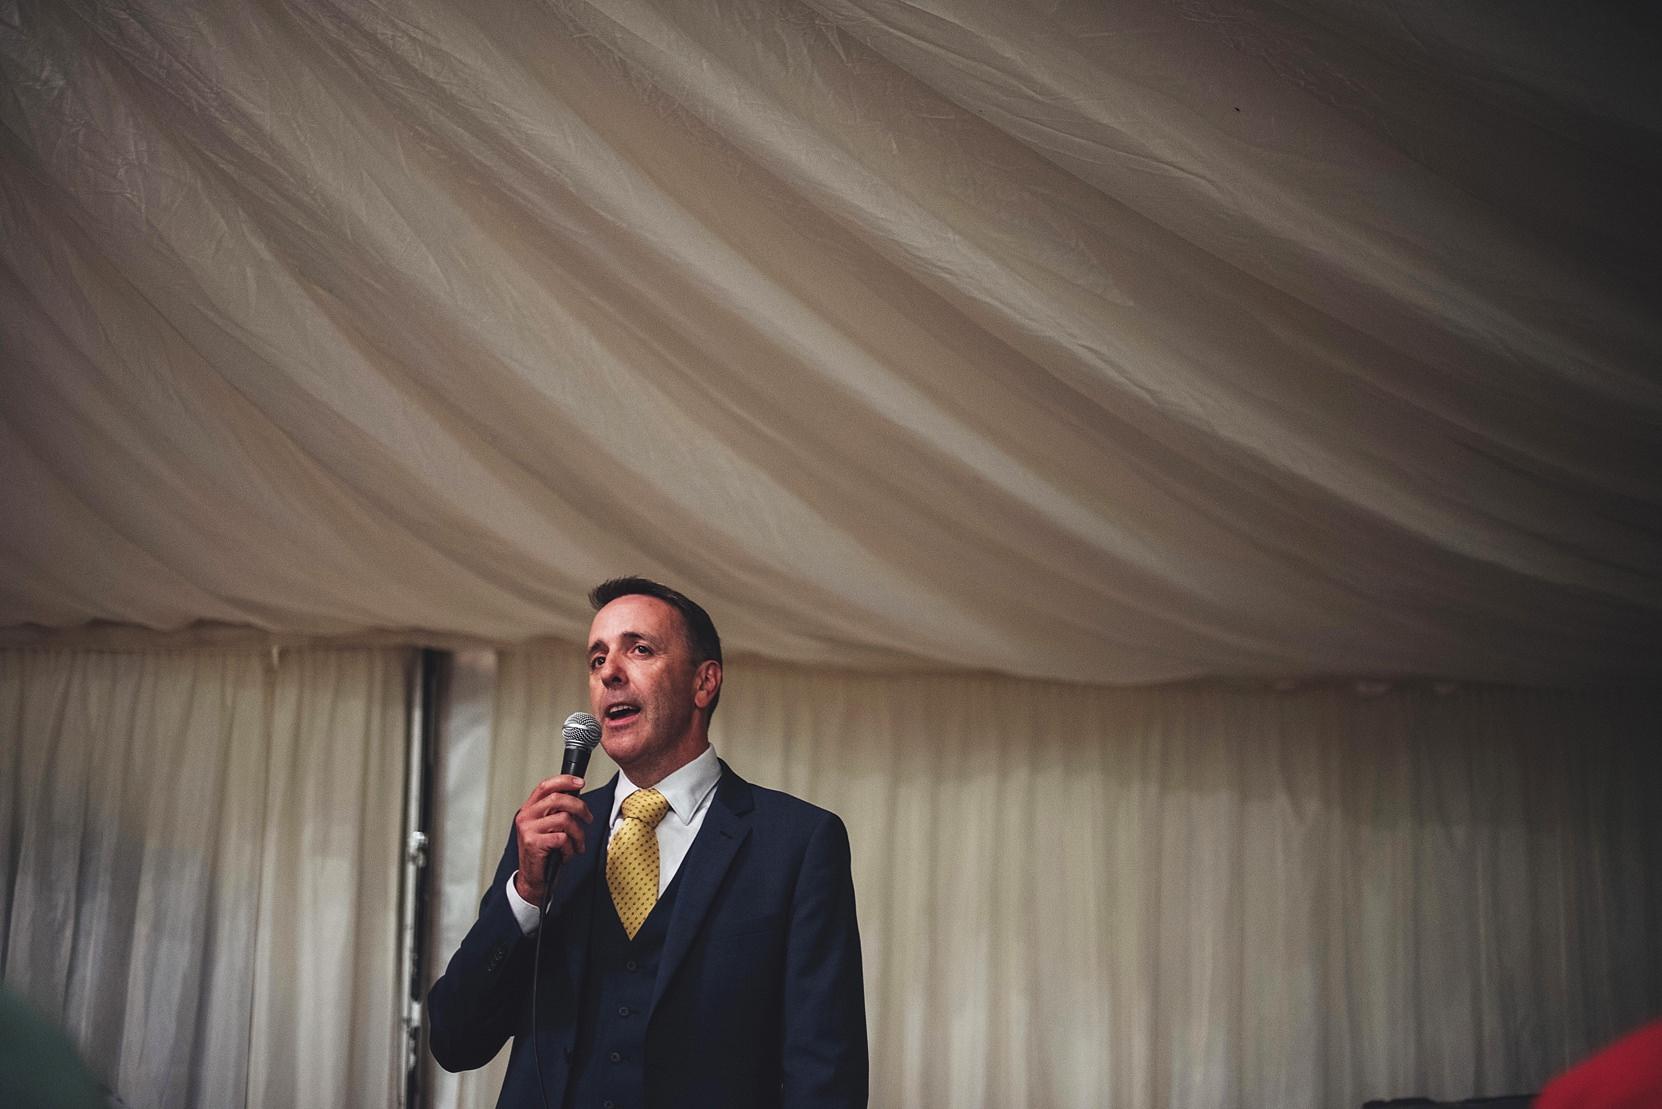 The bestman making a speech